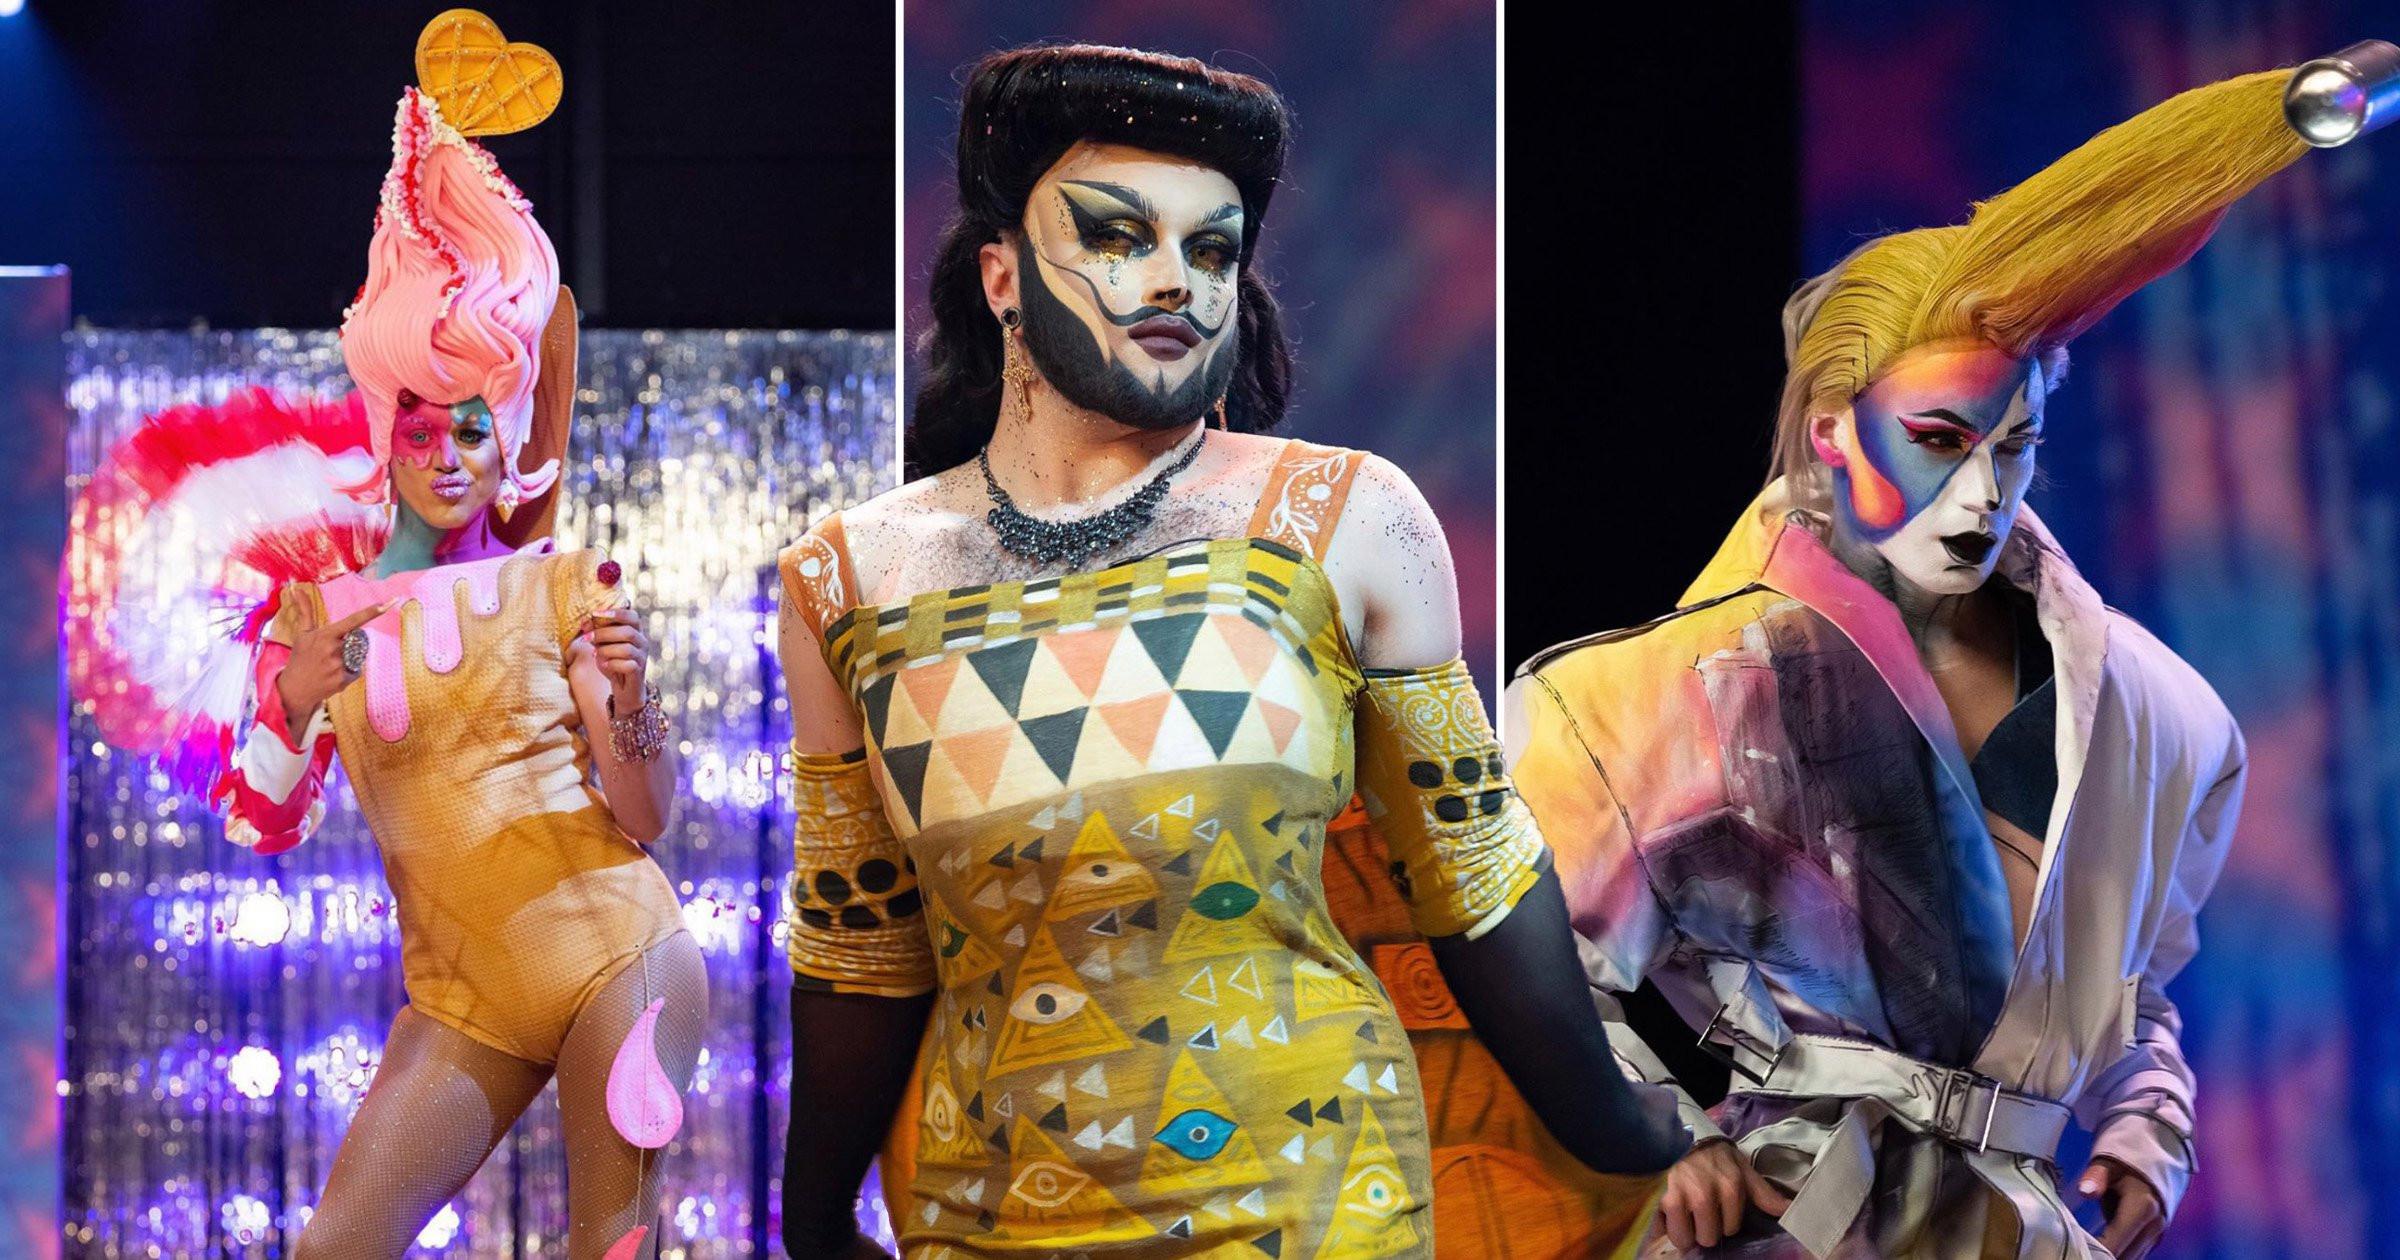 Uma colagem de 3 visuais na passarela: a primeira foto é de uma drag queen com pele parda que usa um maiô bege com detalhes rosa, e sua peruca imita um sorvete na casquinha, também cor de rosa; ao lado dela, uma drag queen branca, de barba e cabelos pretos, veste um vestido marrom e amarelo, ao seu lado uma drag queen usa uma peruca de topete amarelo e uma roupa branca, manchada com padrões de pichação.